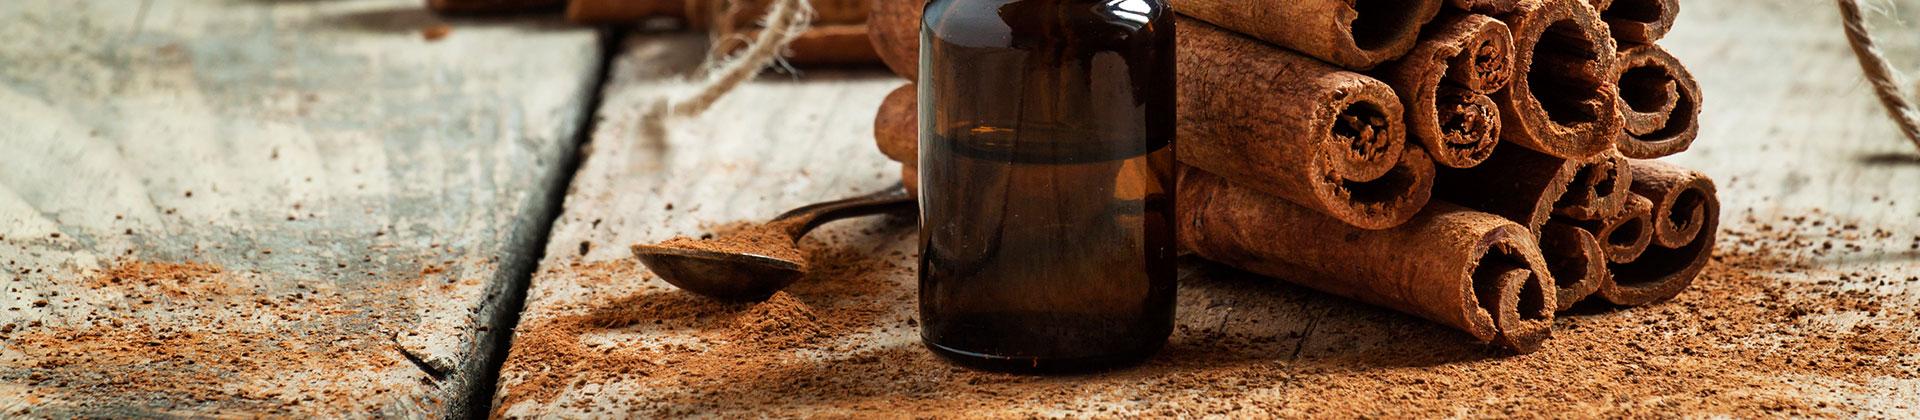 Tinh dầu quế nguyên chất Quảng Nam